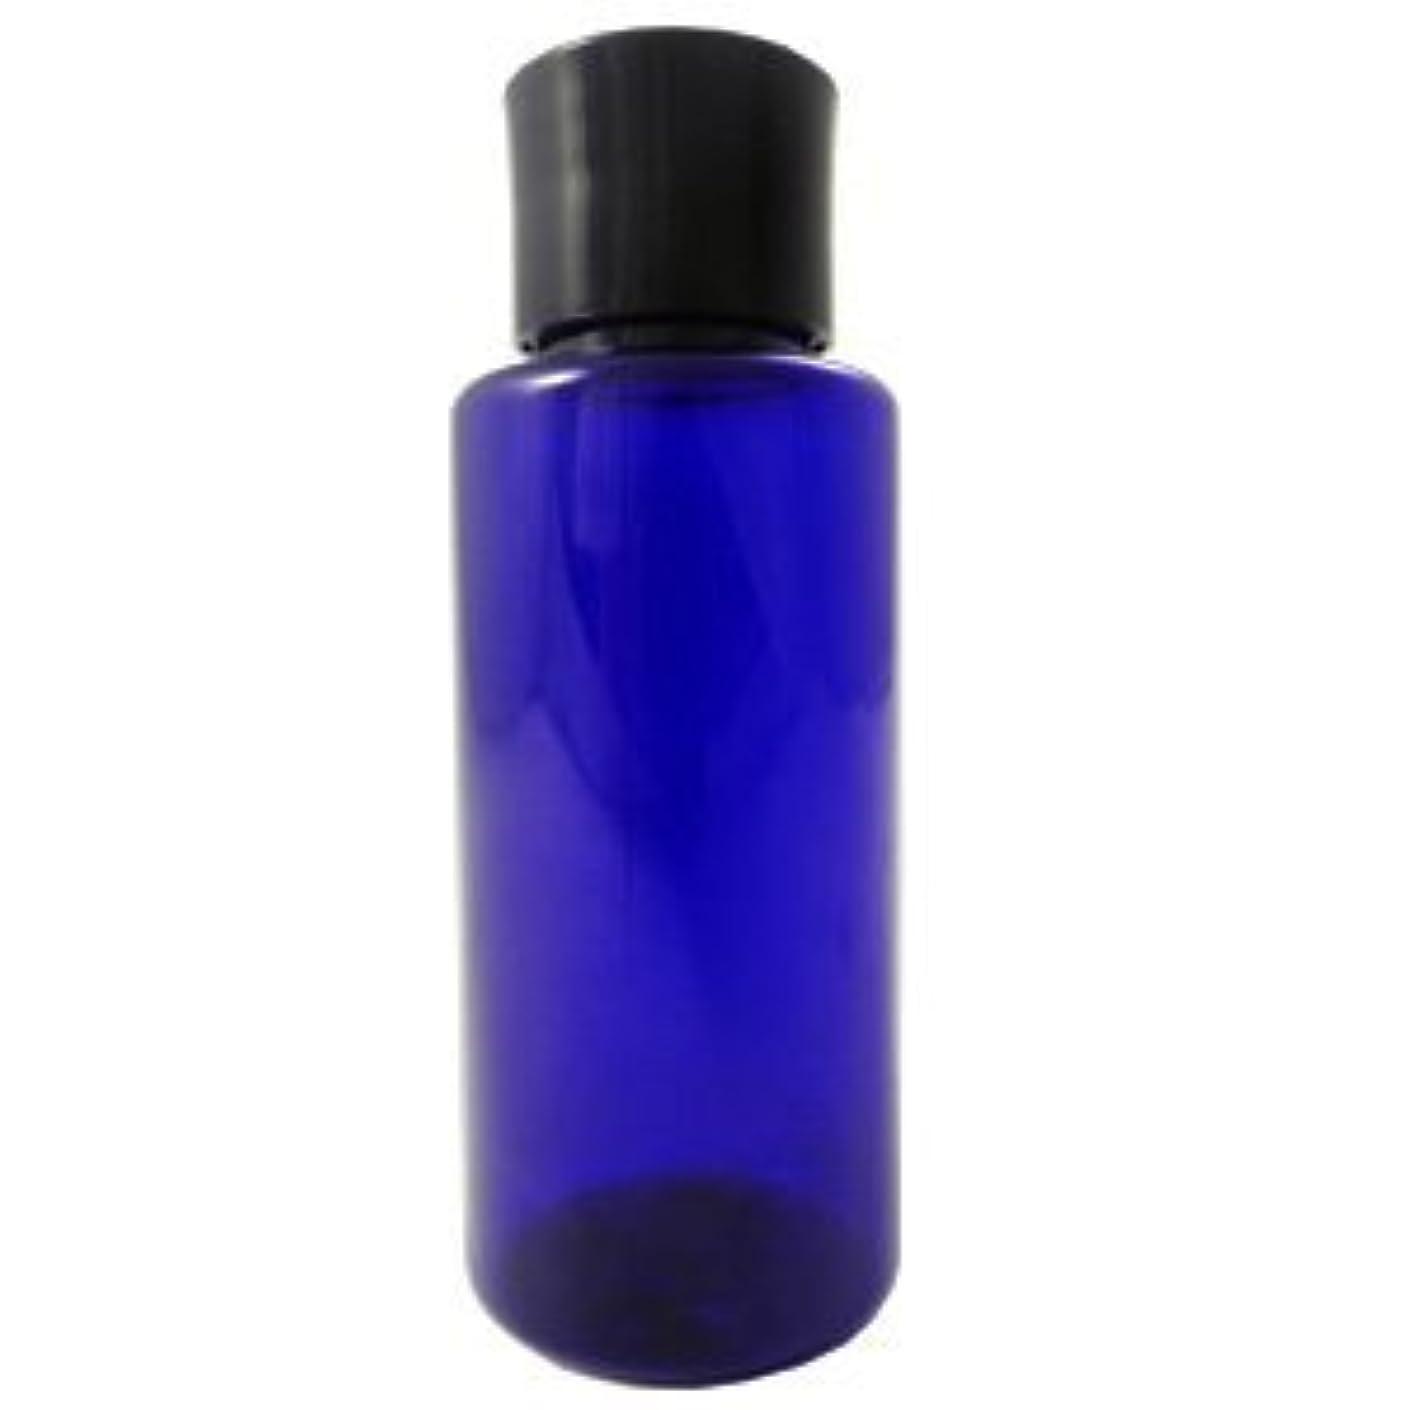 韓国語マニアエンジニアPETボトル コバルトブルー 青 50ml 化粧水用中栓